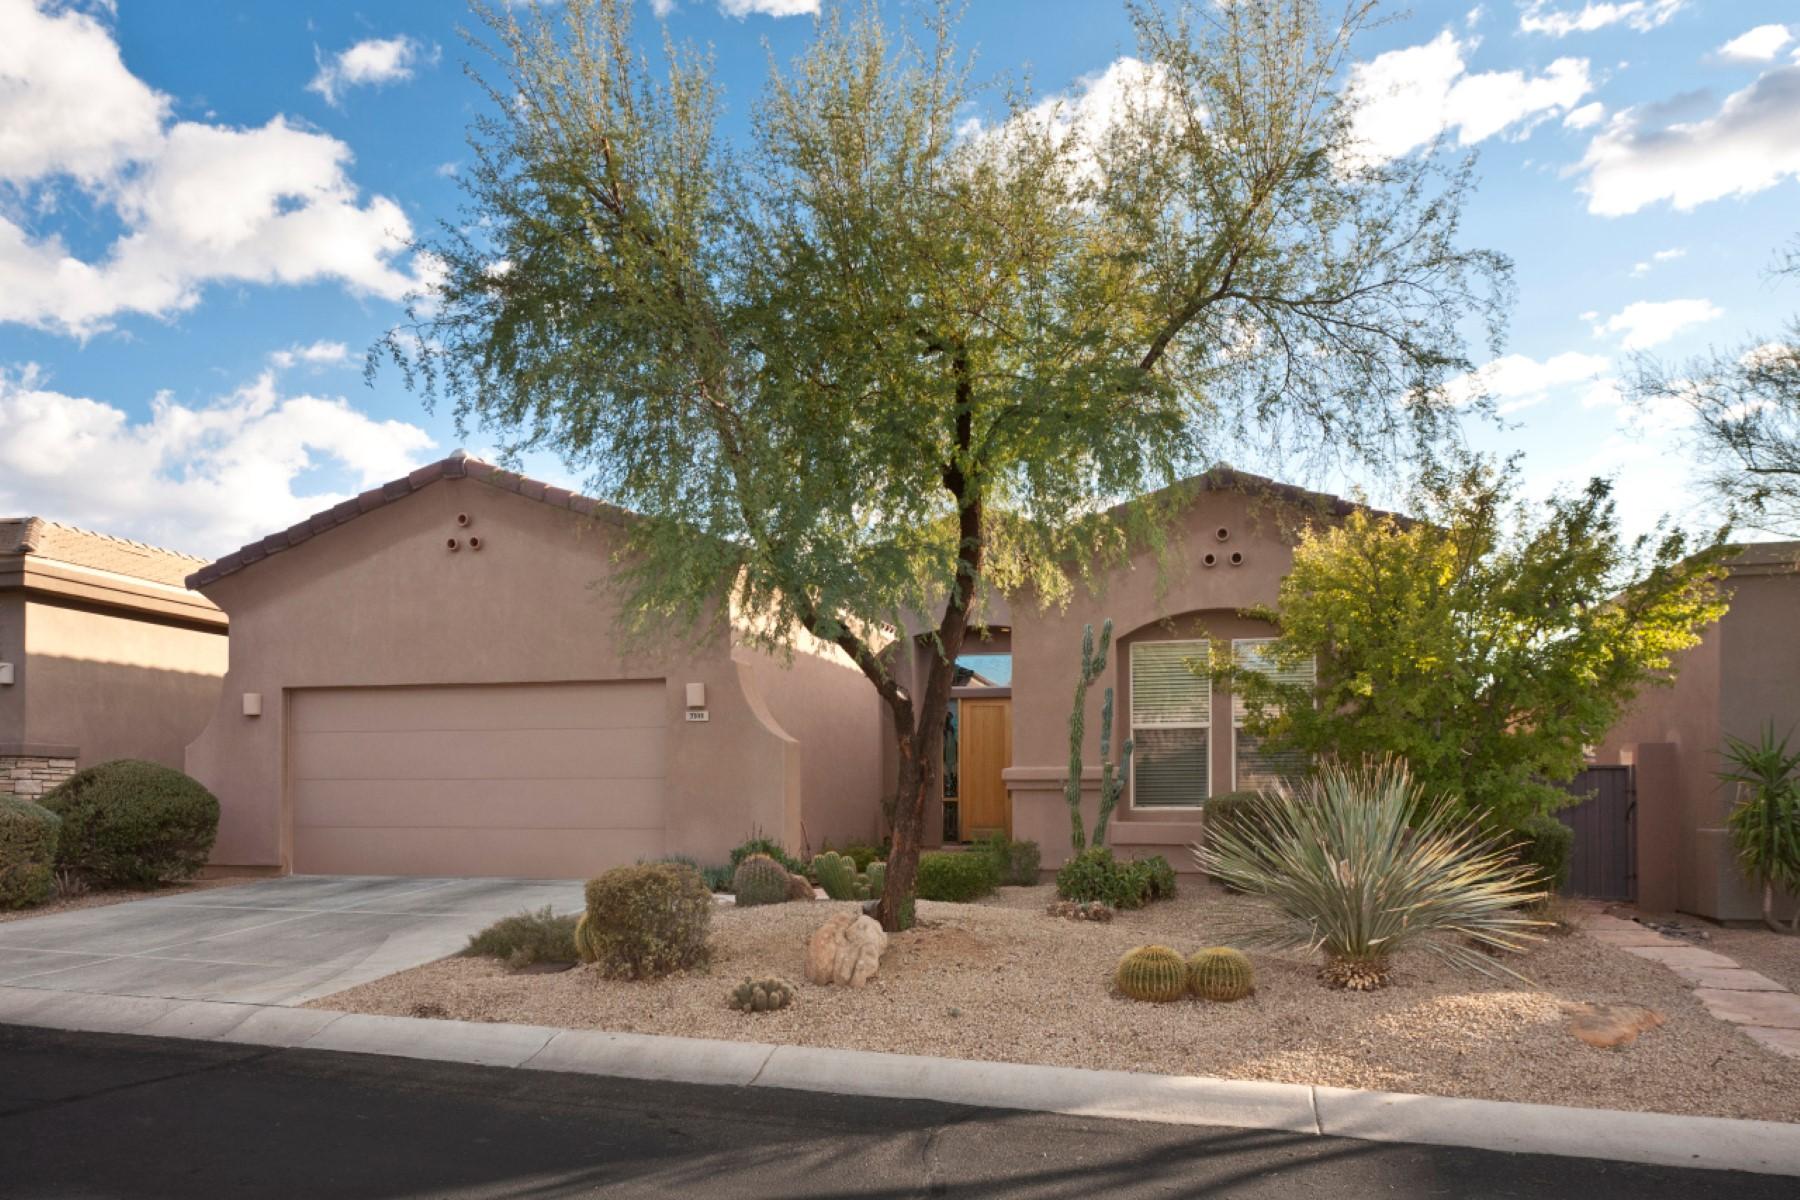 Casa para uma família para Venda às Lovely Winfield home 7315 E Eagle Feather Rd Scottsdale, Arizona, 85266 Estados Unidos